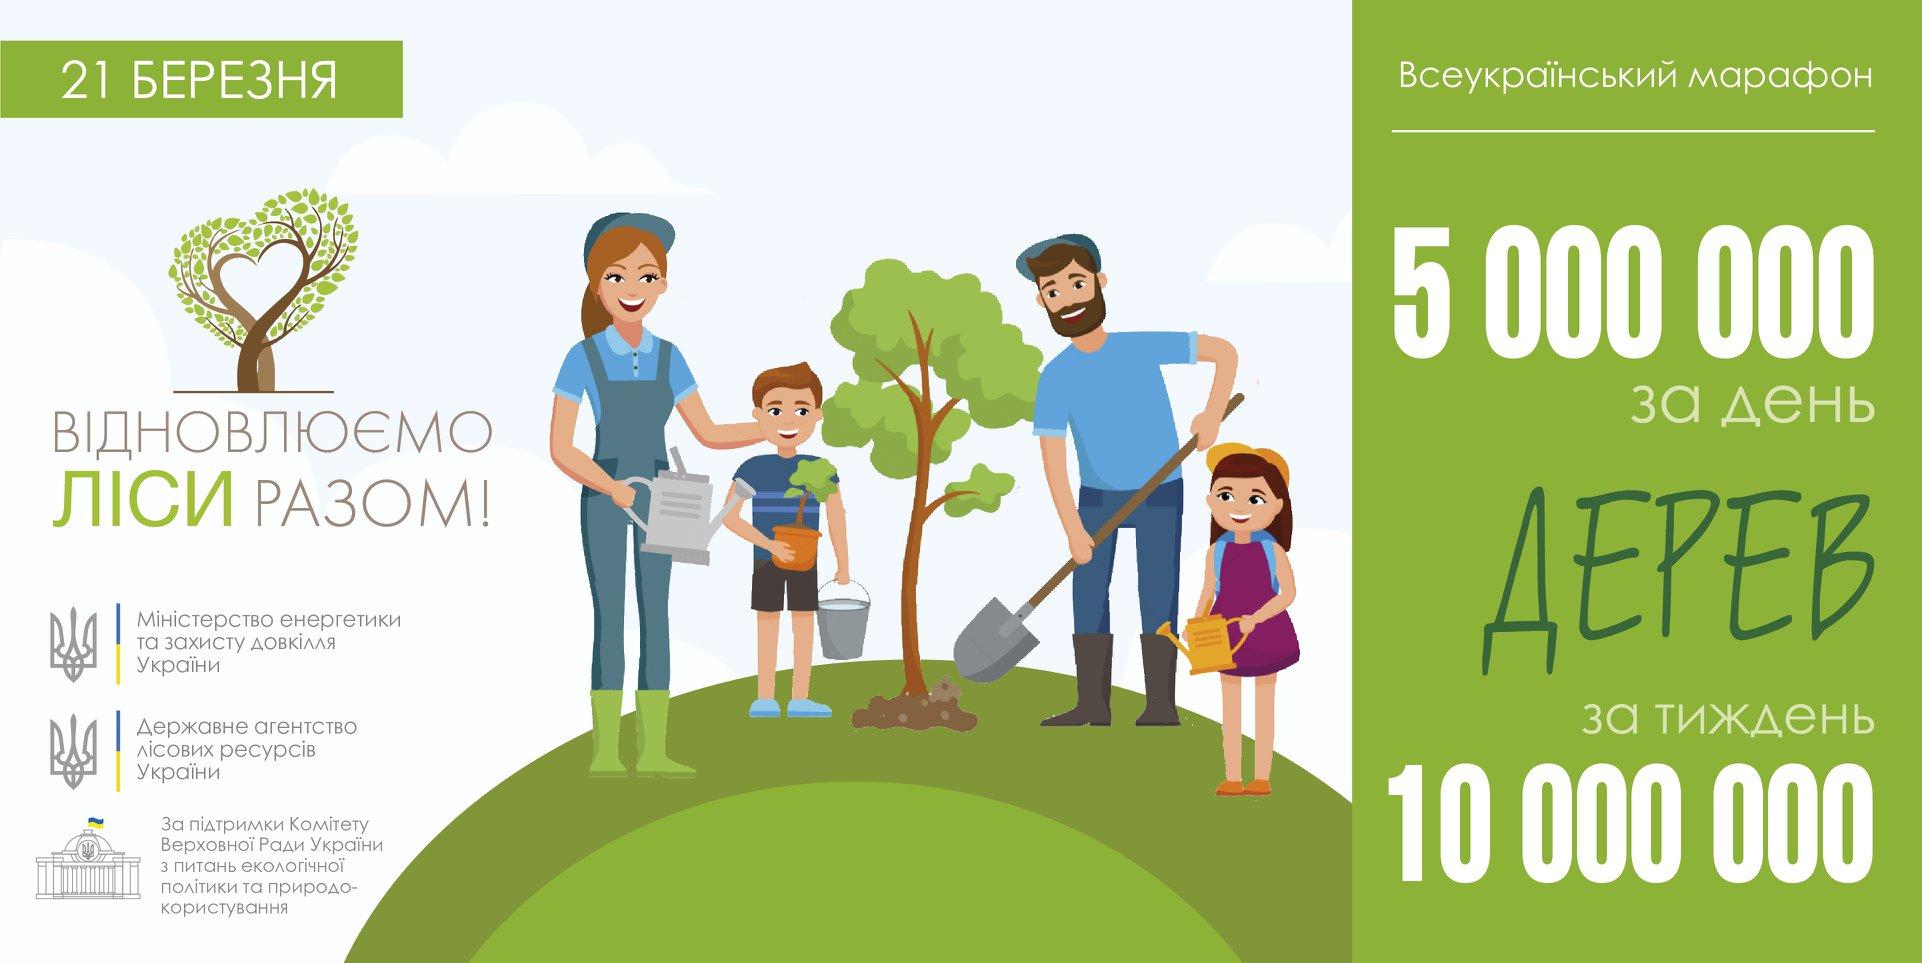 Фастівщина приєднається до акції «Відновлюємо ліси разом»: запрошують всіх охочих - Фастів - 88113171 2323332014433760 8370580823962812416 o